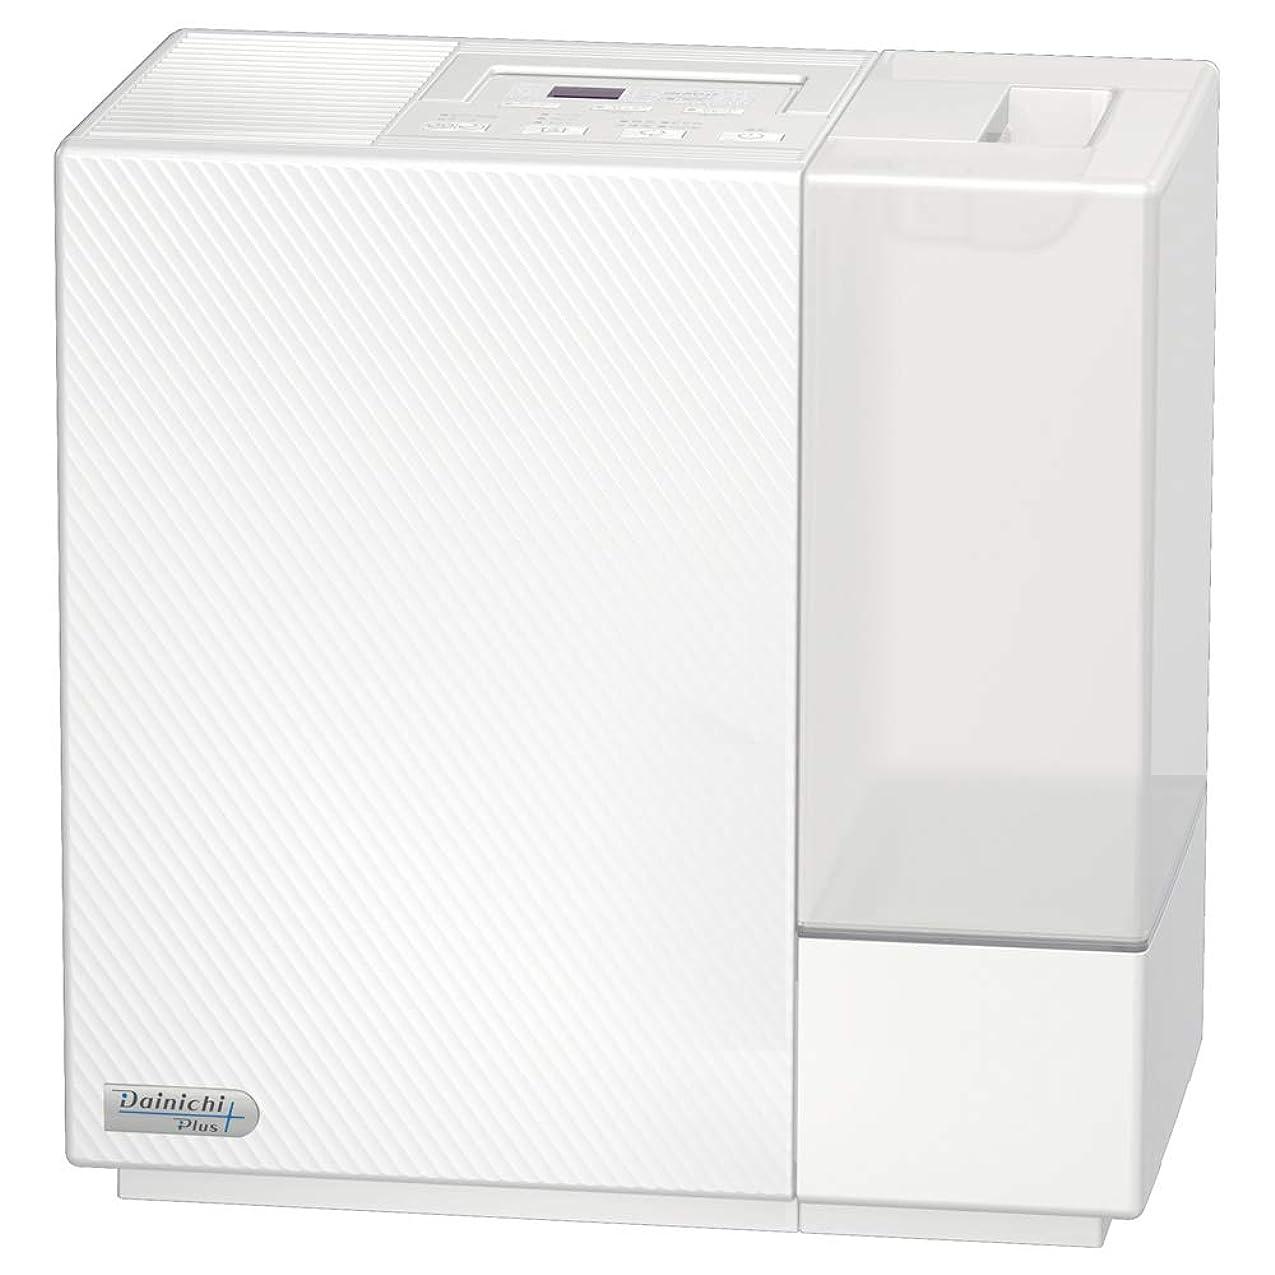 ダイニチ ハイブリッド式加湿器(木造和室12畳まで/プレハブ洋室19畳まで) RXシリーズ クリスタルホワイト HD-RX717-W